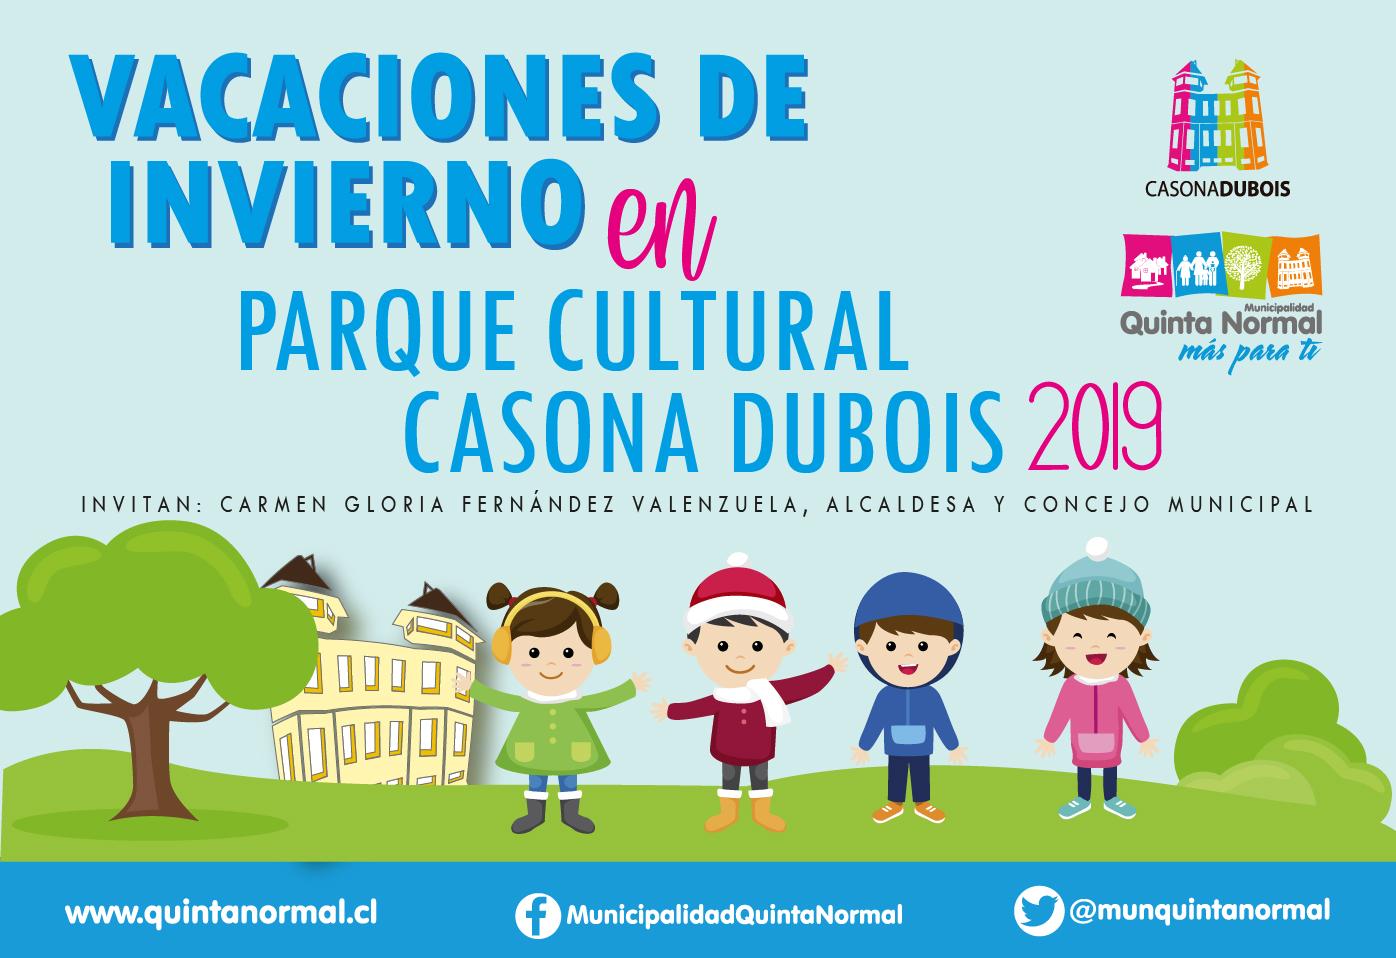 Vacaciones de Invierno en el Parque Cultural Casona Dubois